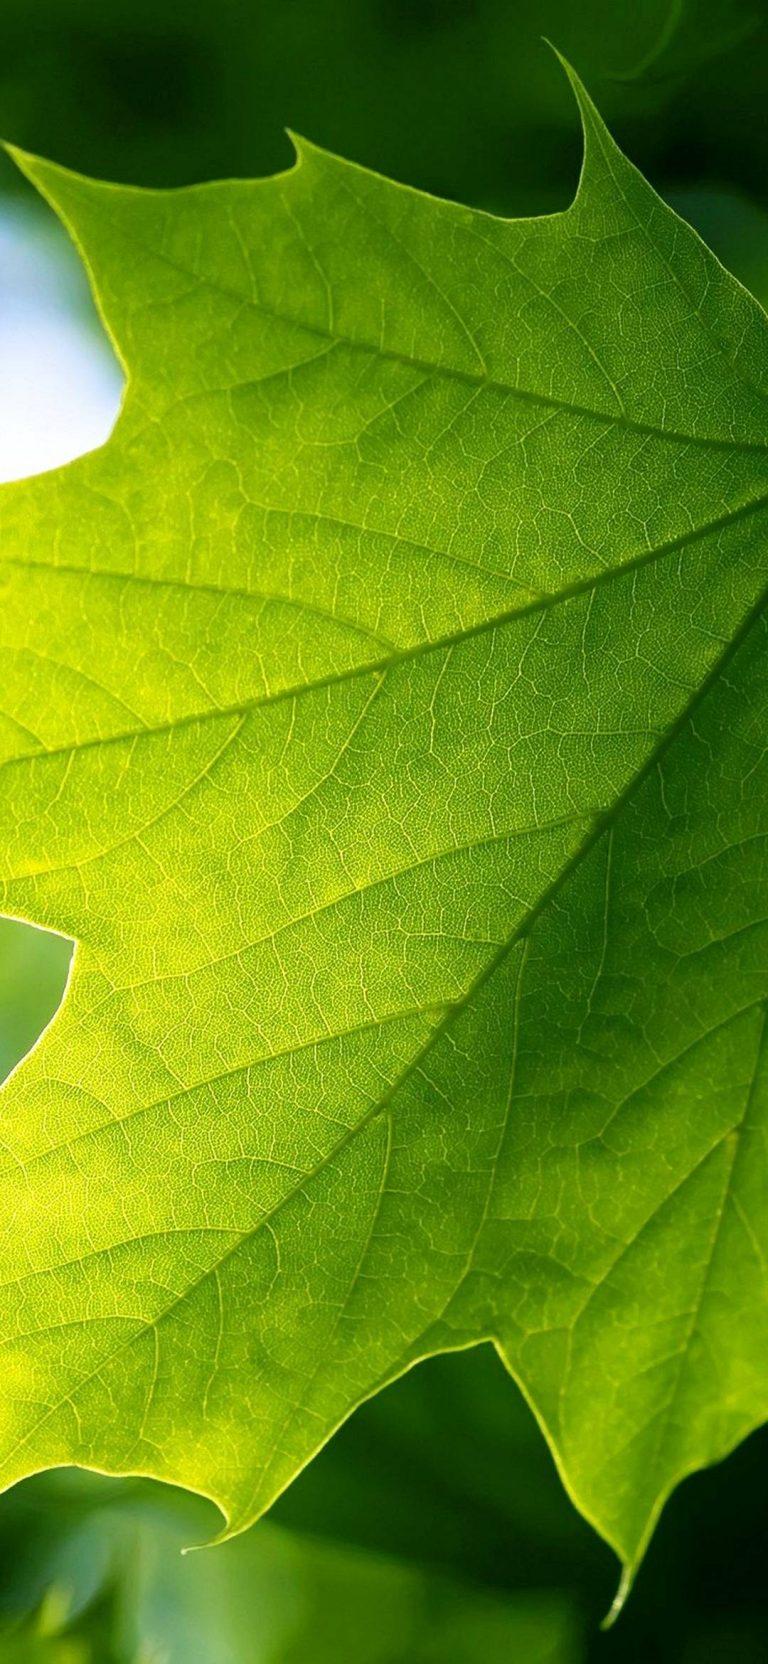 Green Leaf 1080x2340 768x1664